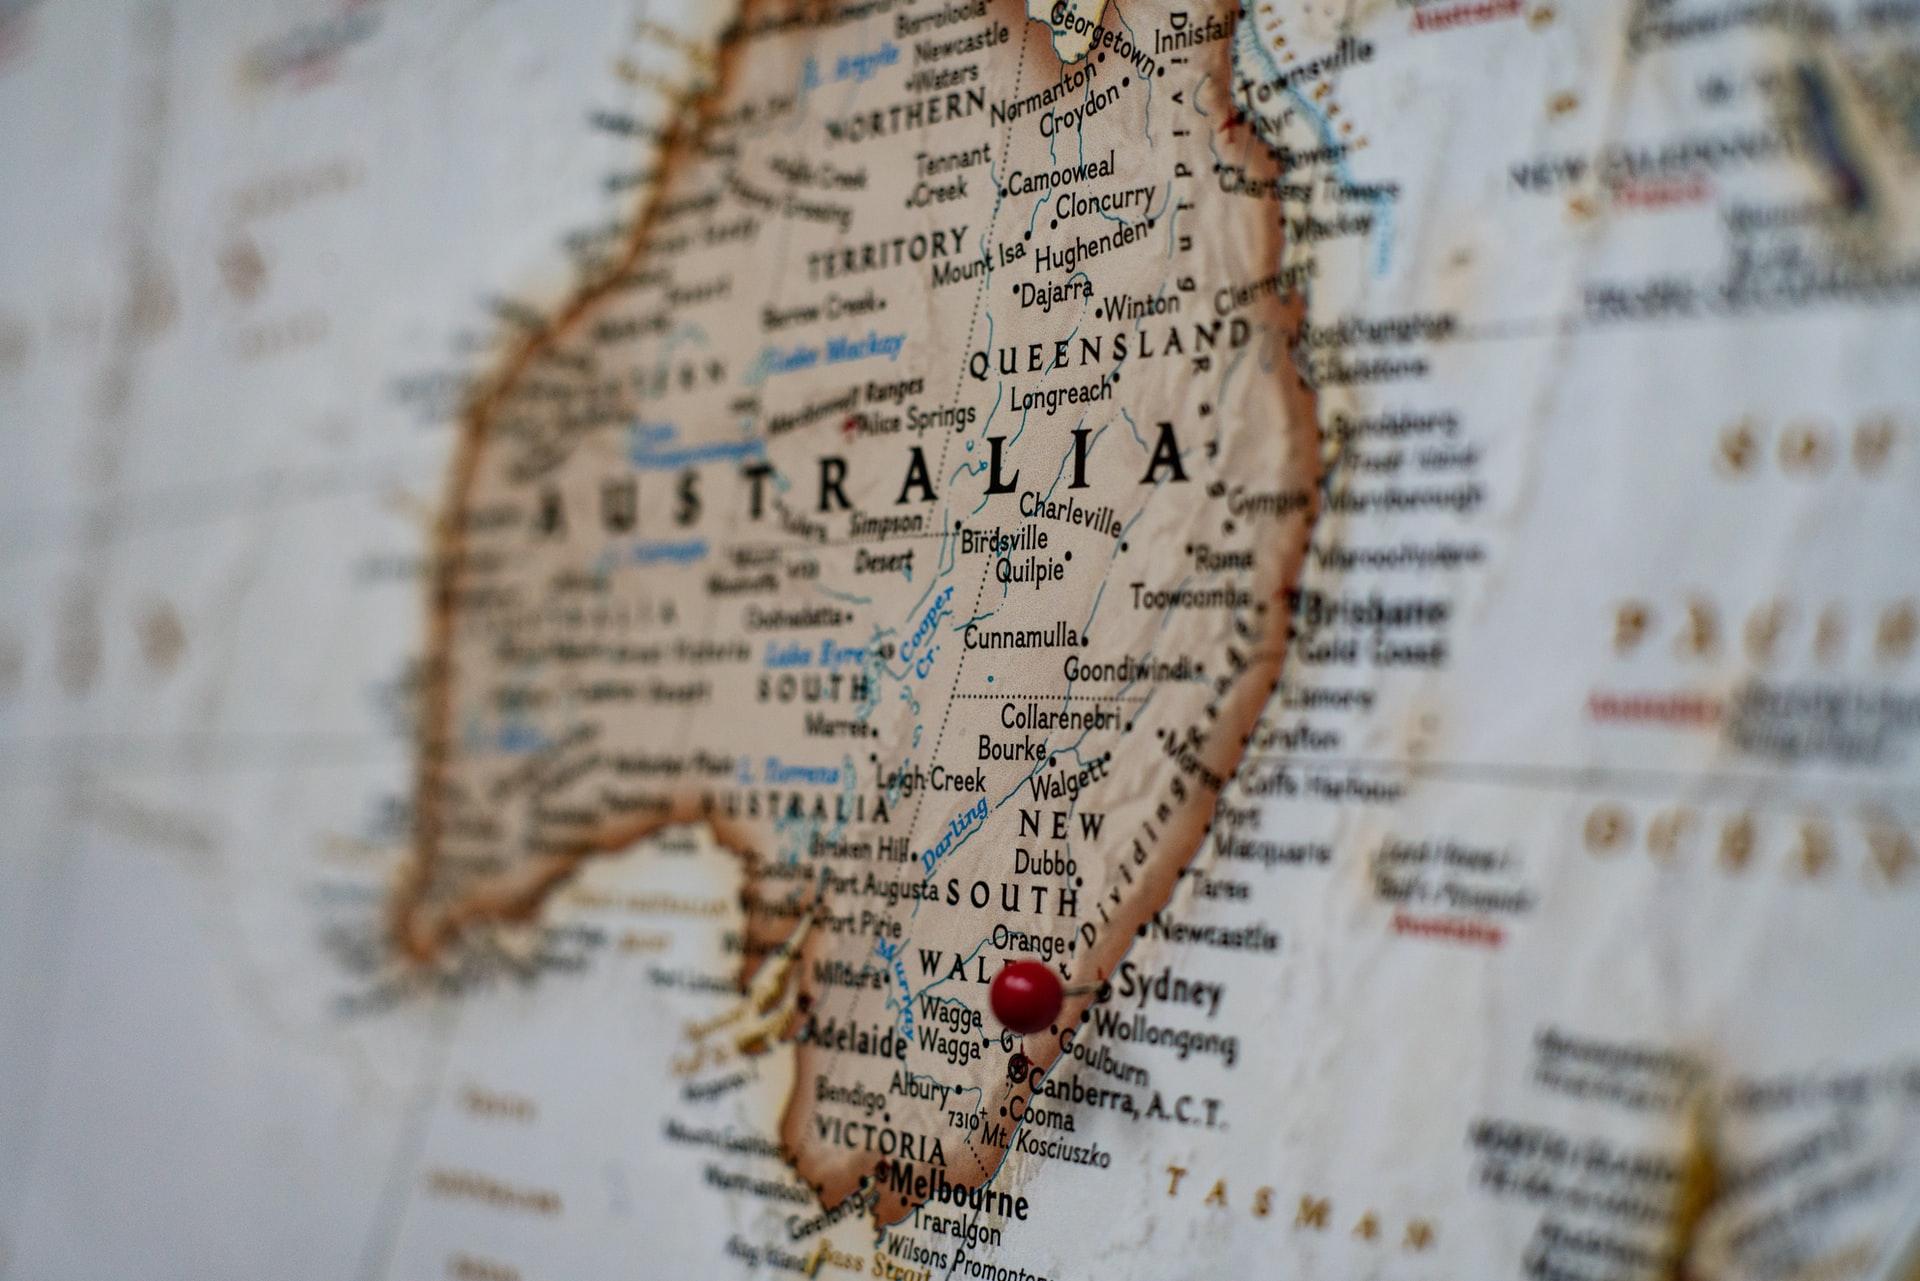 En Australia, el intercambio de criptomonedas BTC Markets integrará funciones bancarias del neobanco Volt para permitir depósitos directos en su plataforma